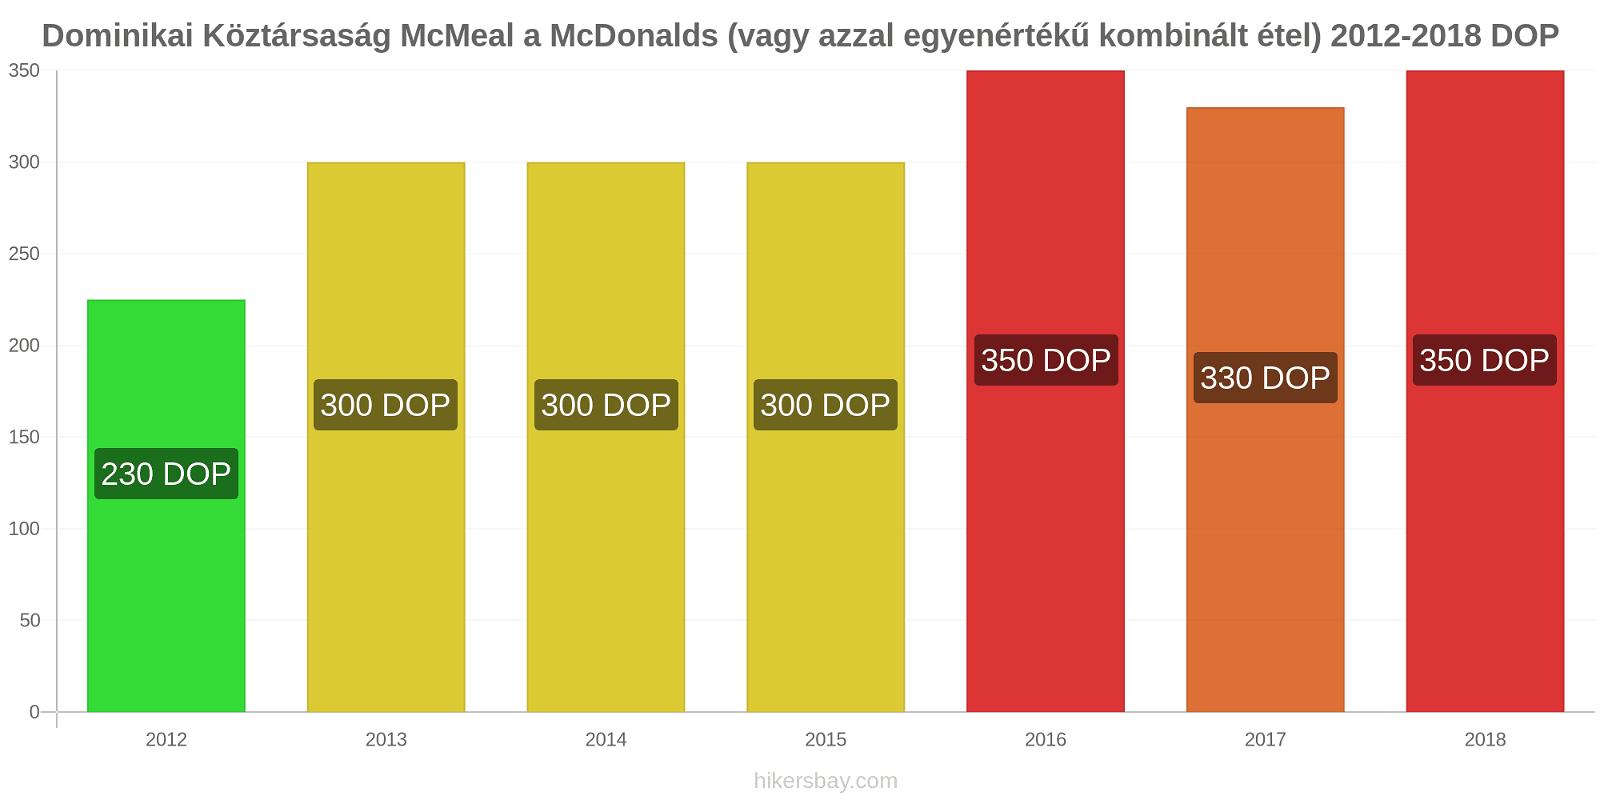 Dominikai Köztársaság árváltozások McMeal a McDonalds (vagy azzal egyenértékű kombinált étel) hikersbay.com